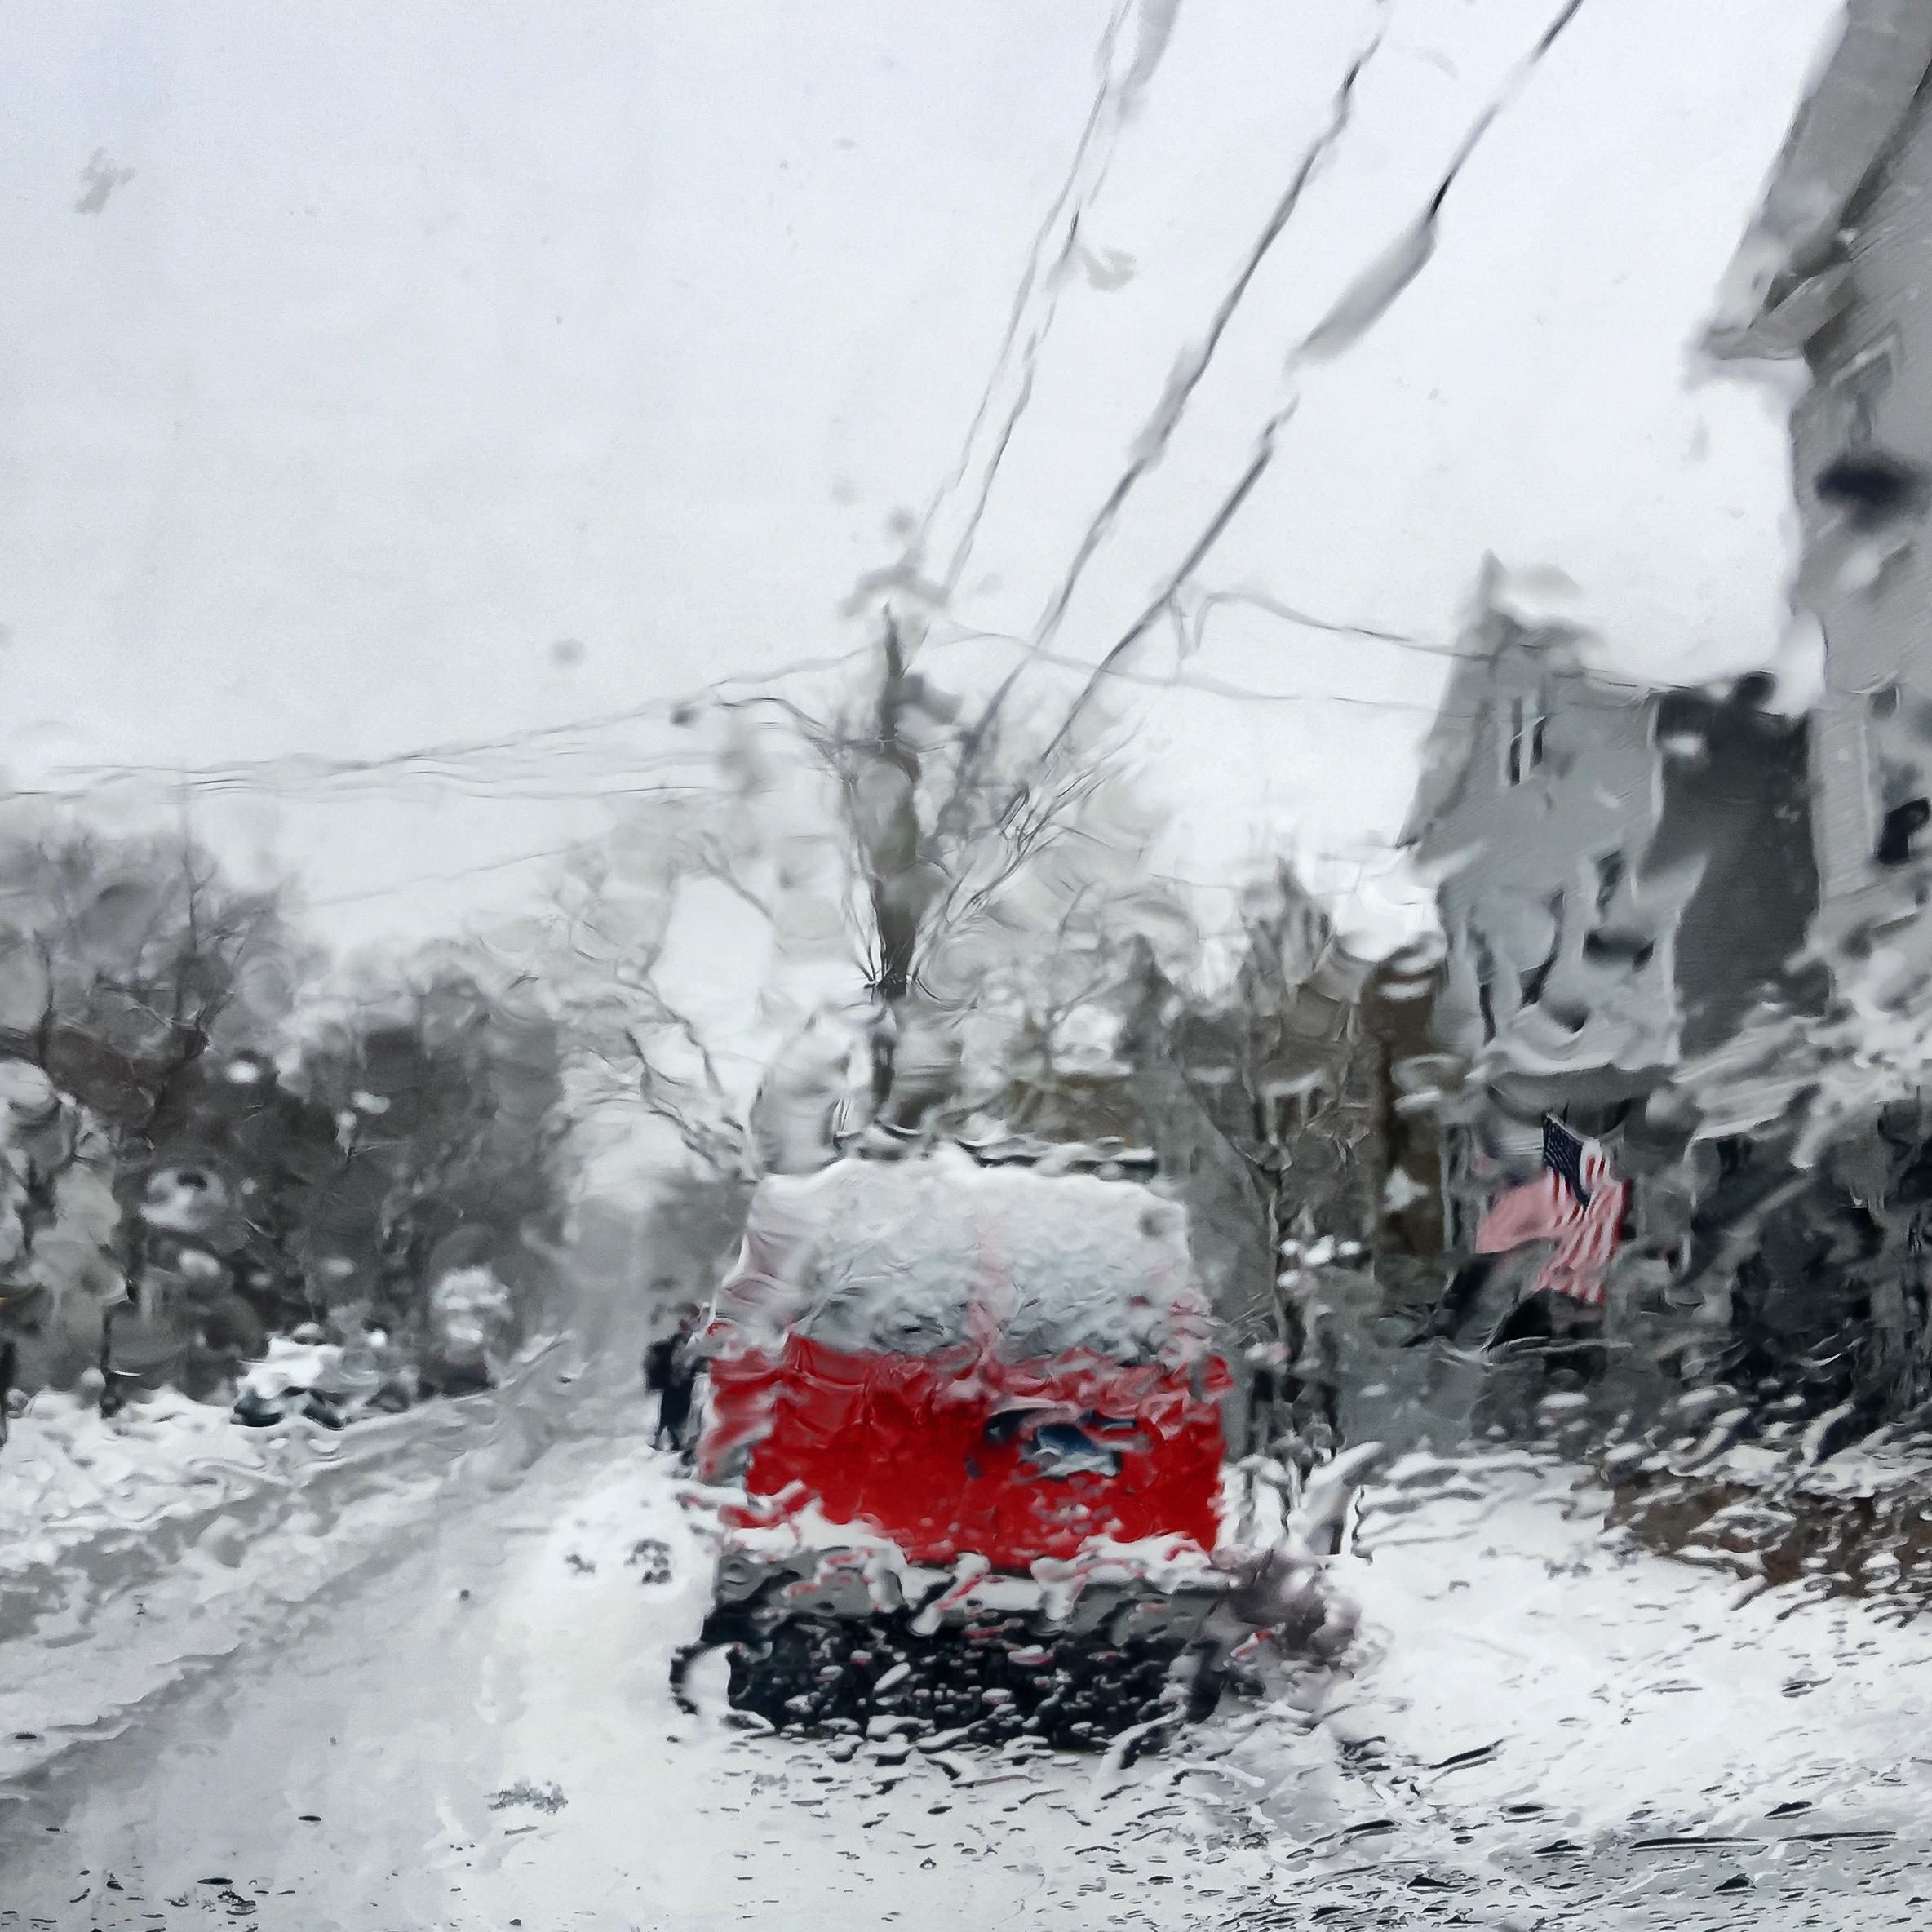 Red Van in Snow.jpg